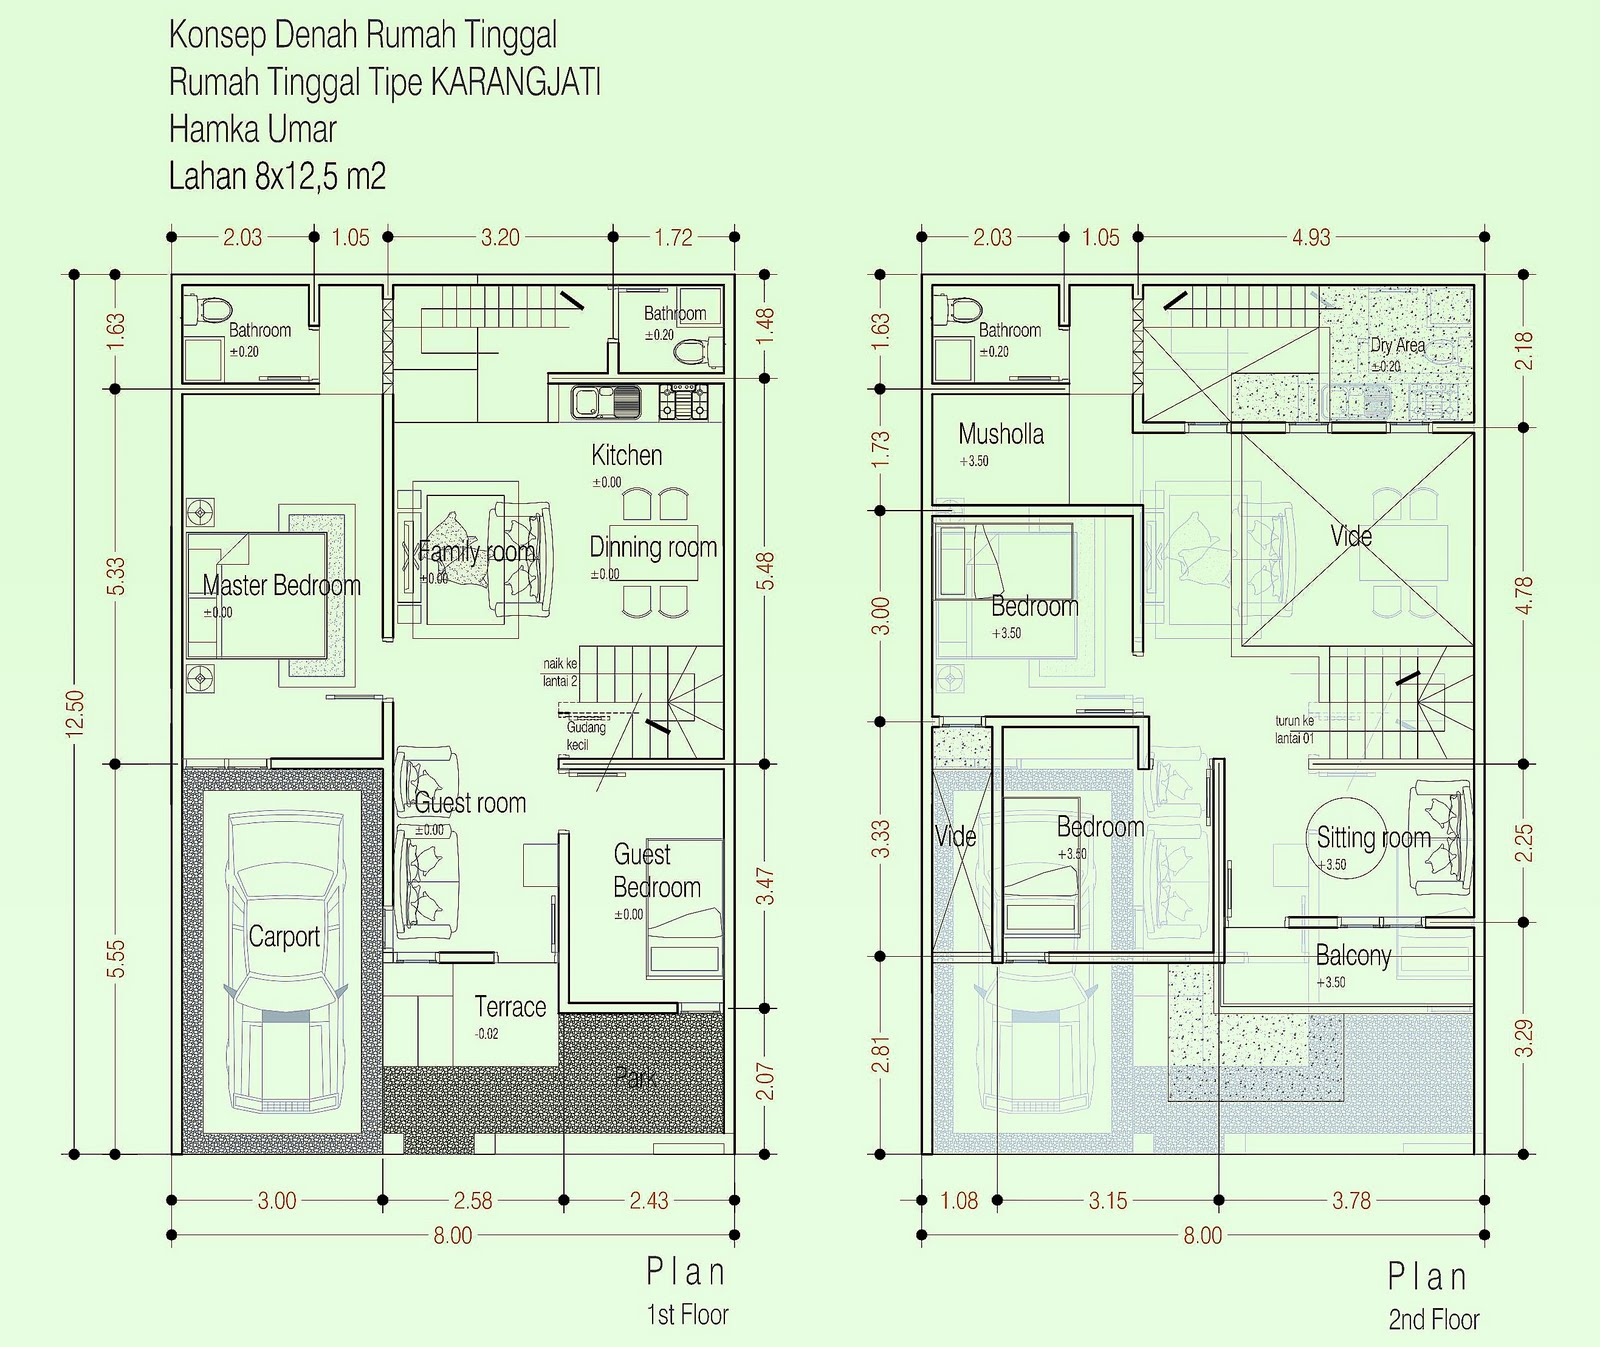 Aneka ide Desain Rumah Klasik Modern 1 Lantai 2015 yg fungsional